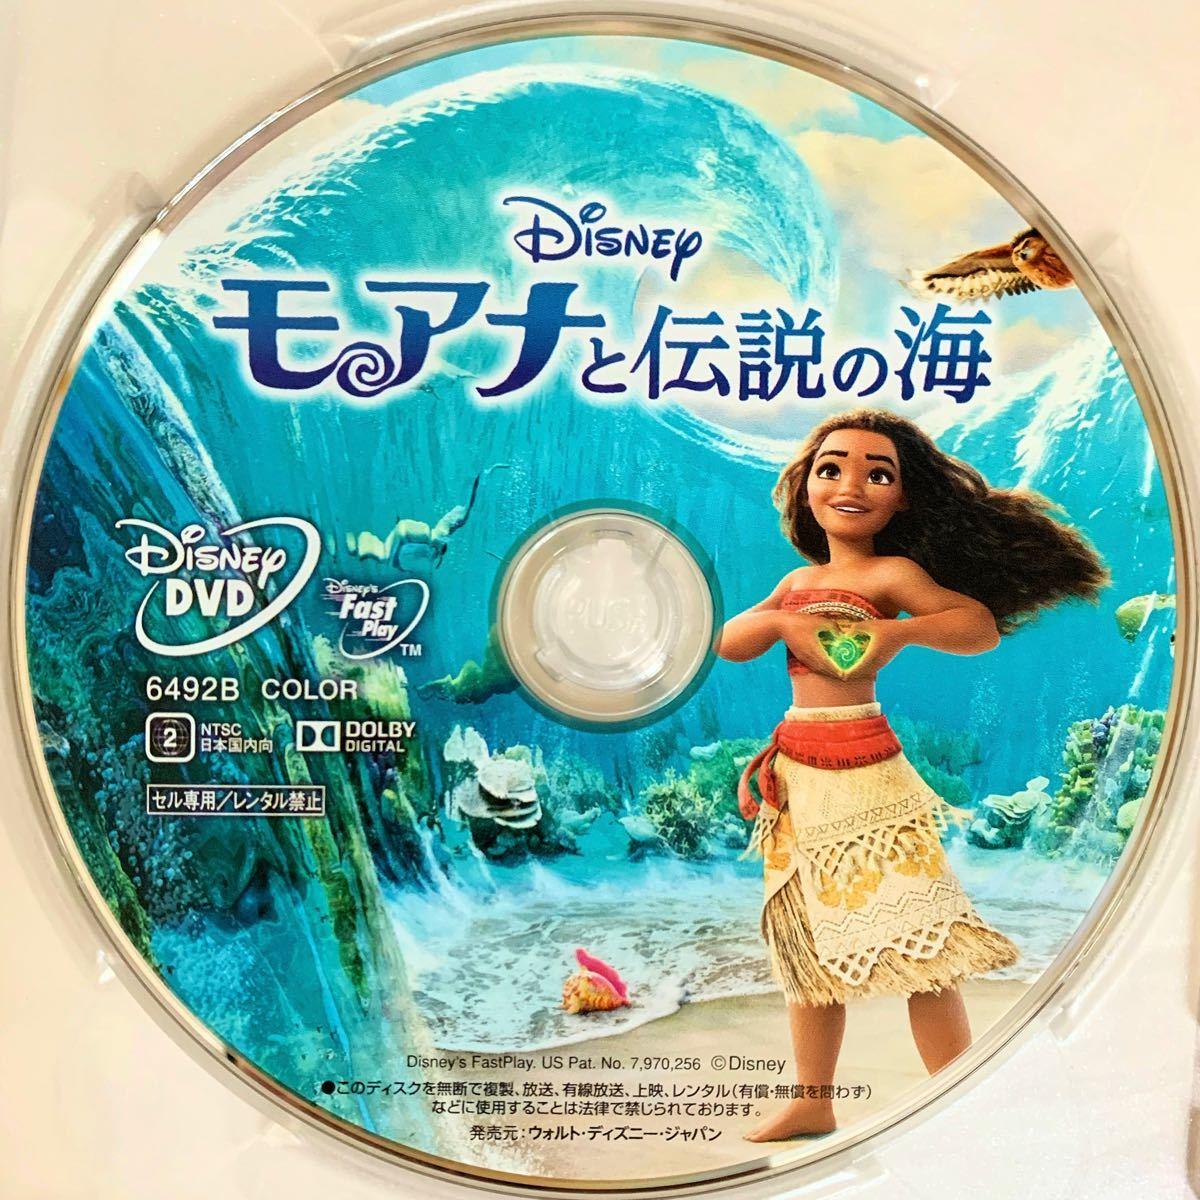 【DVD4枚セット】アナと雪の女王2、トイストーリー4、モアナと伝説の海、リトル・マーメイド 未使用DVD 新品未再生